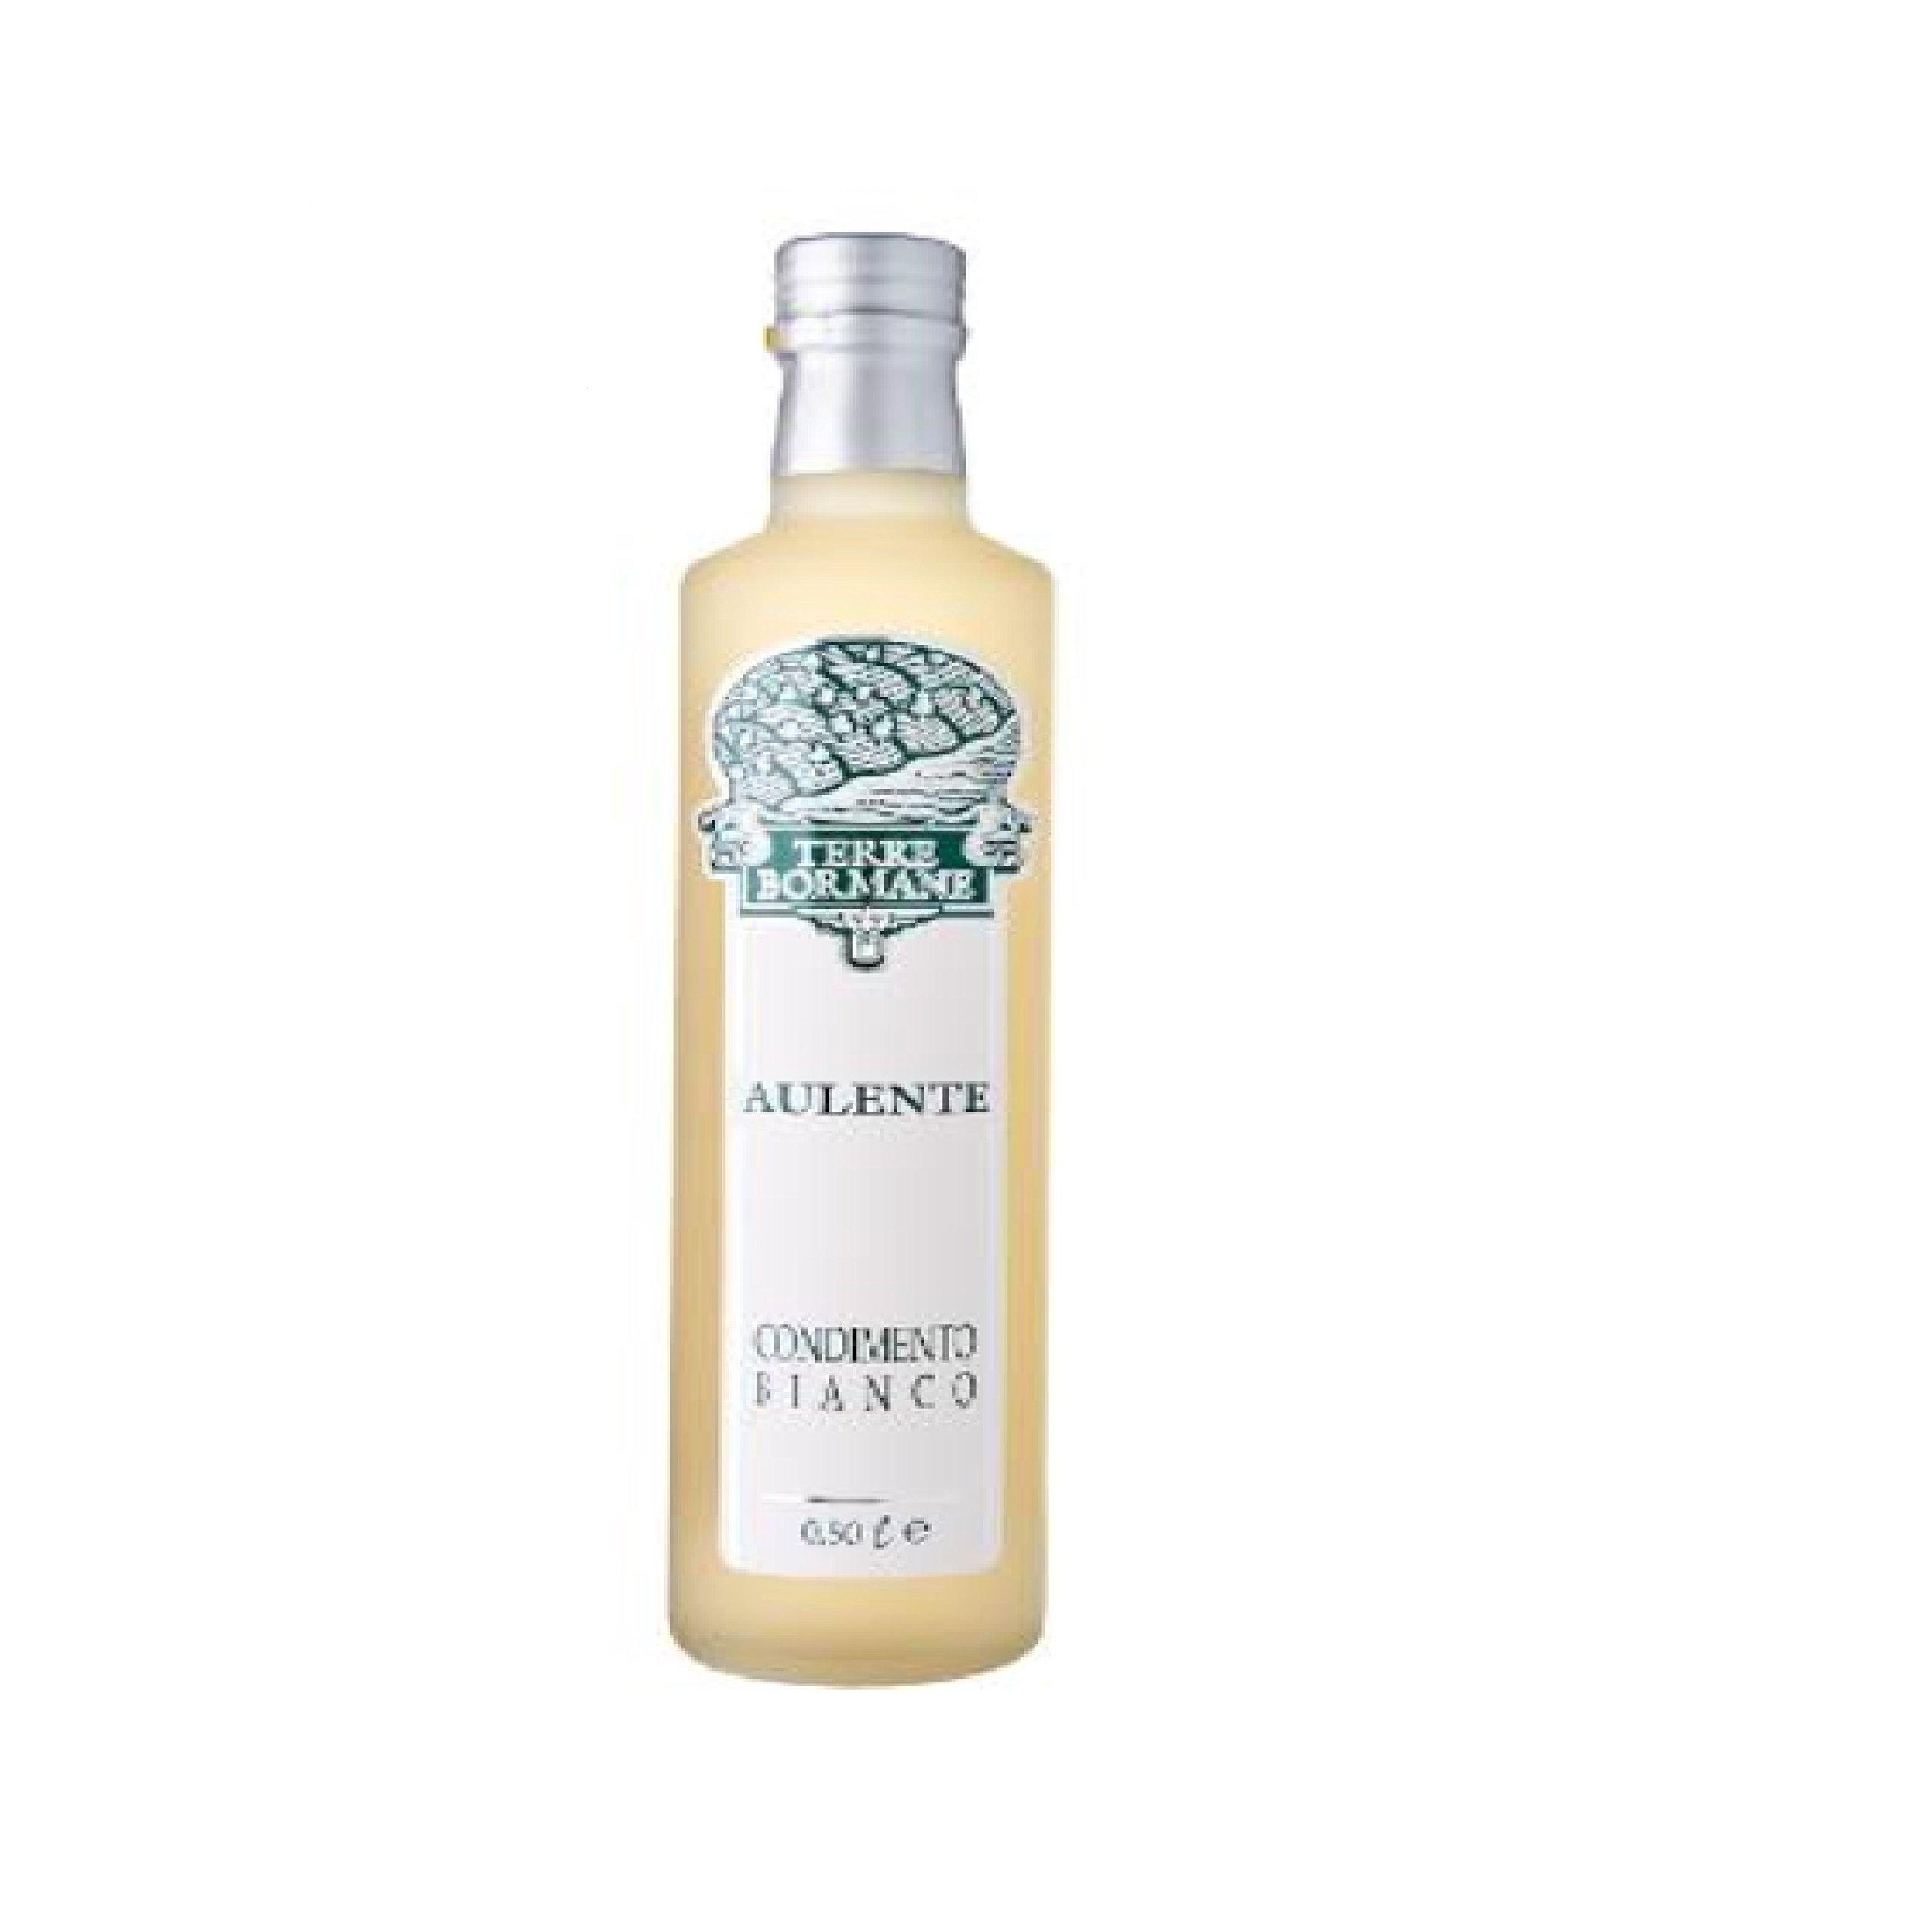 Terre Bormane White Vinegar (Aulente) - pack of 2 by Terre Bormane